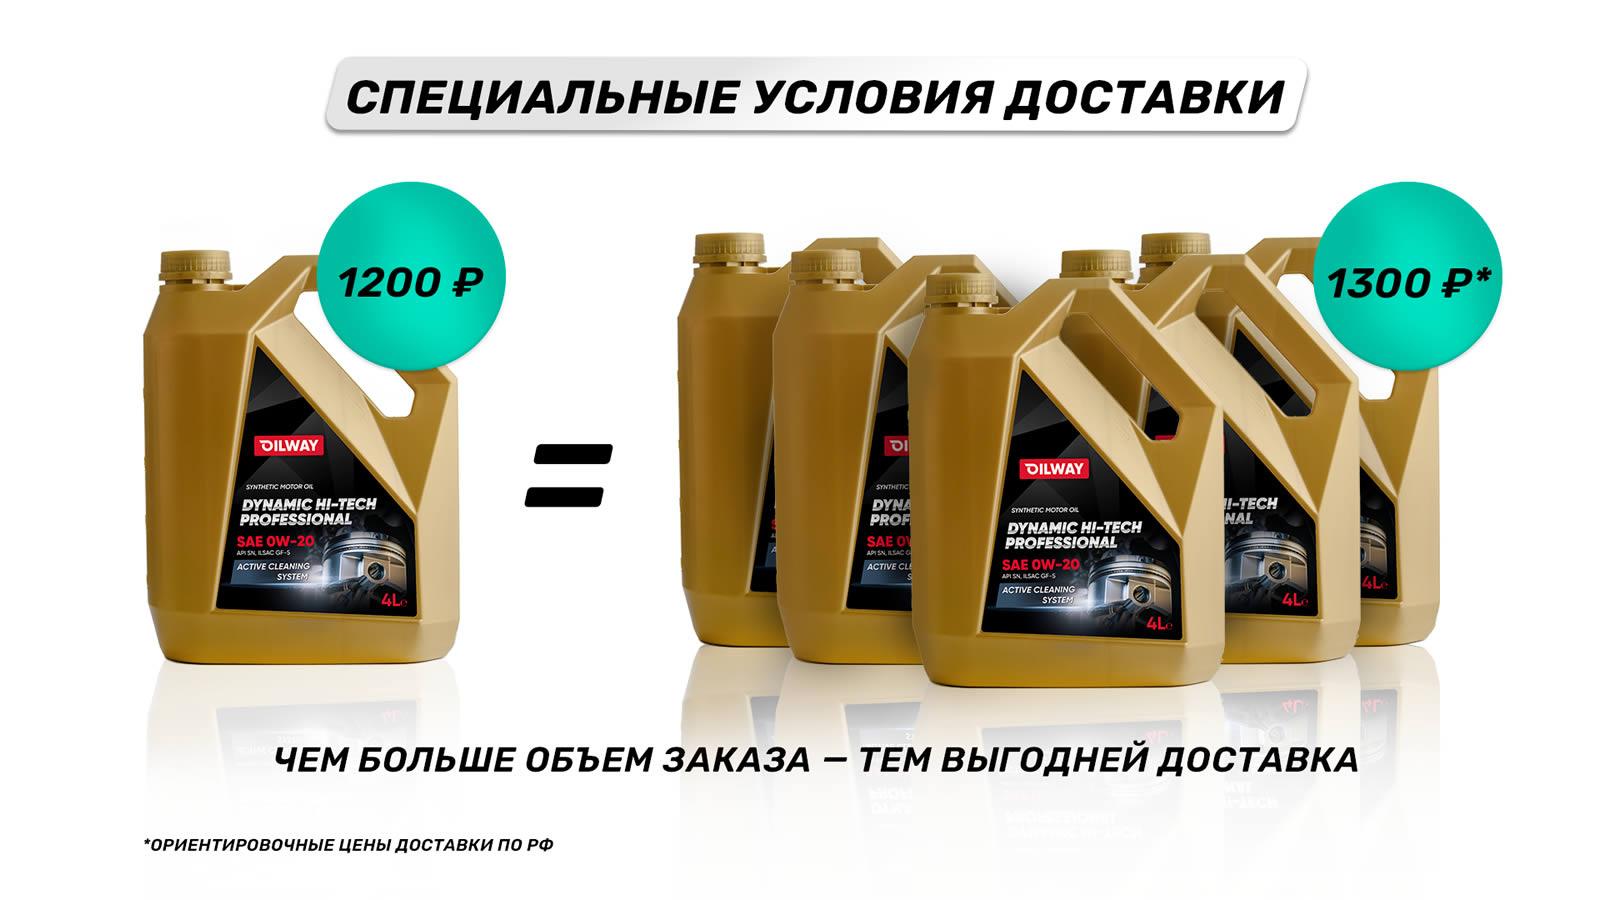 Выгодная доставка по России!